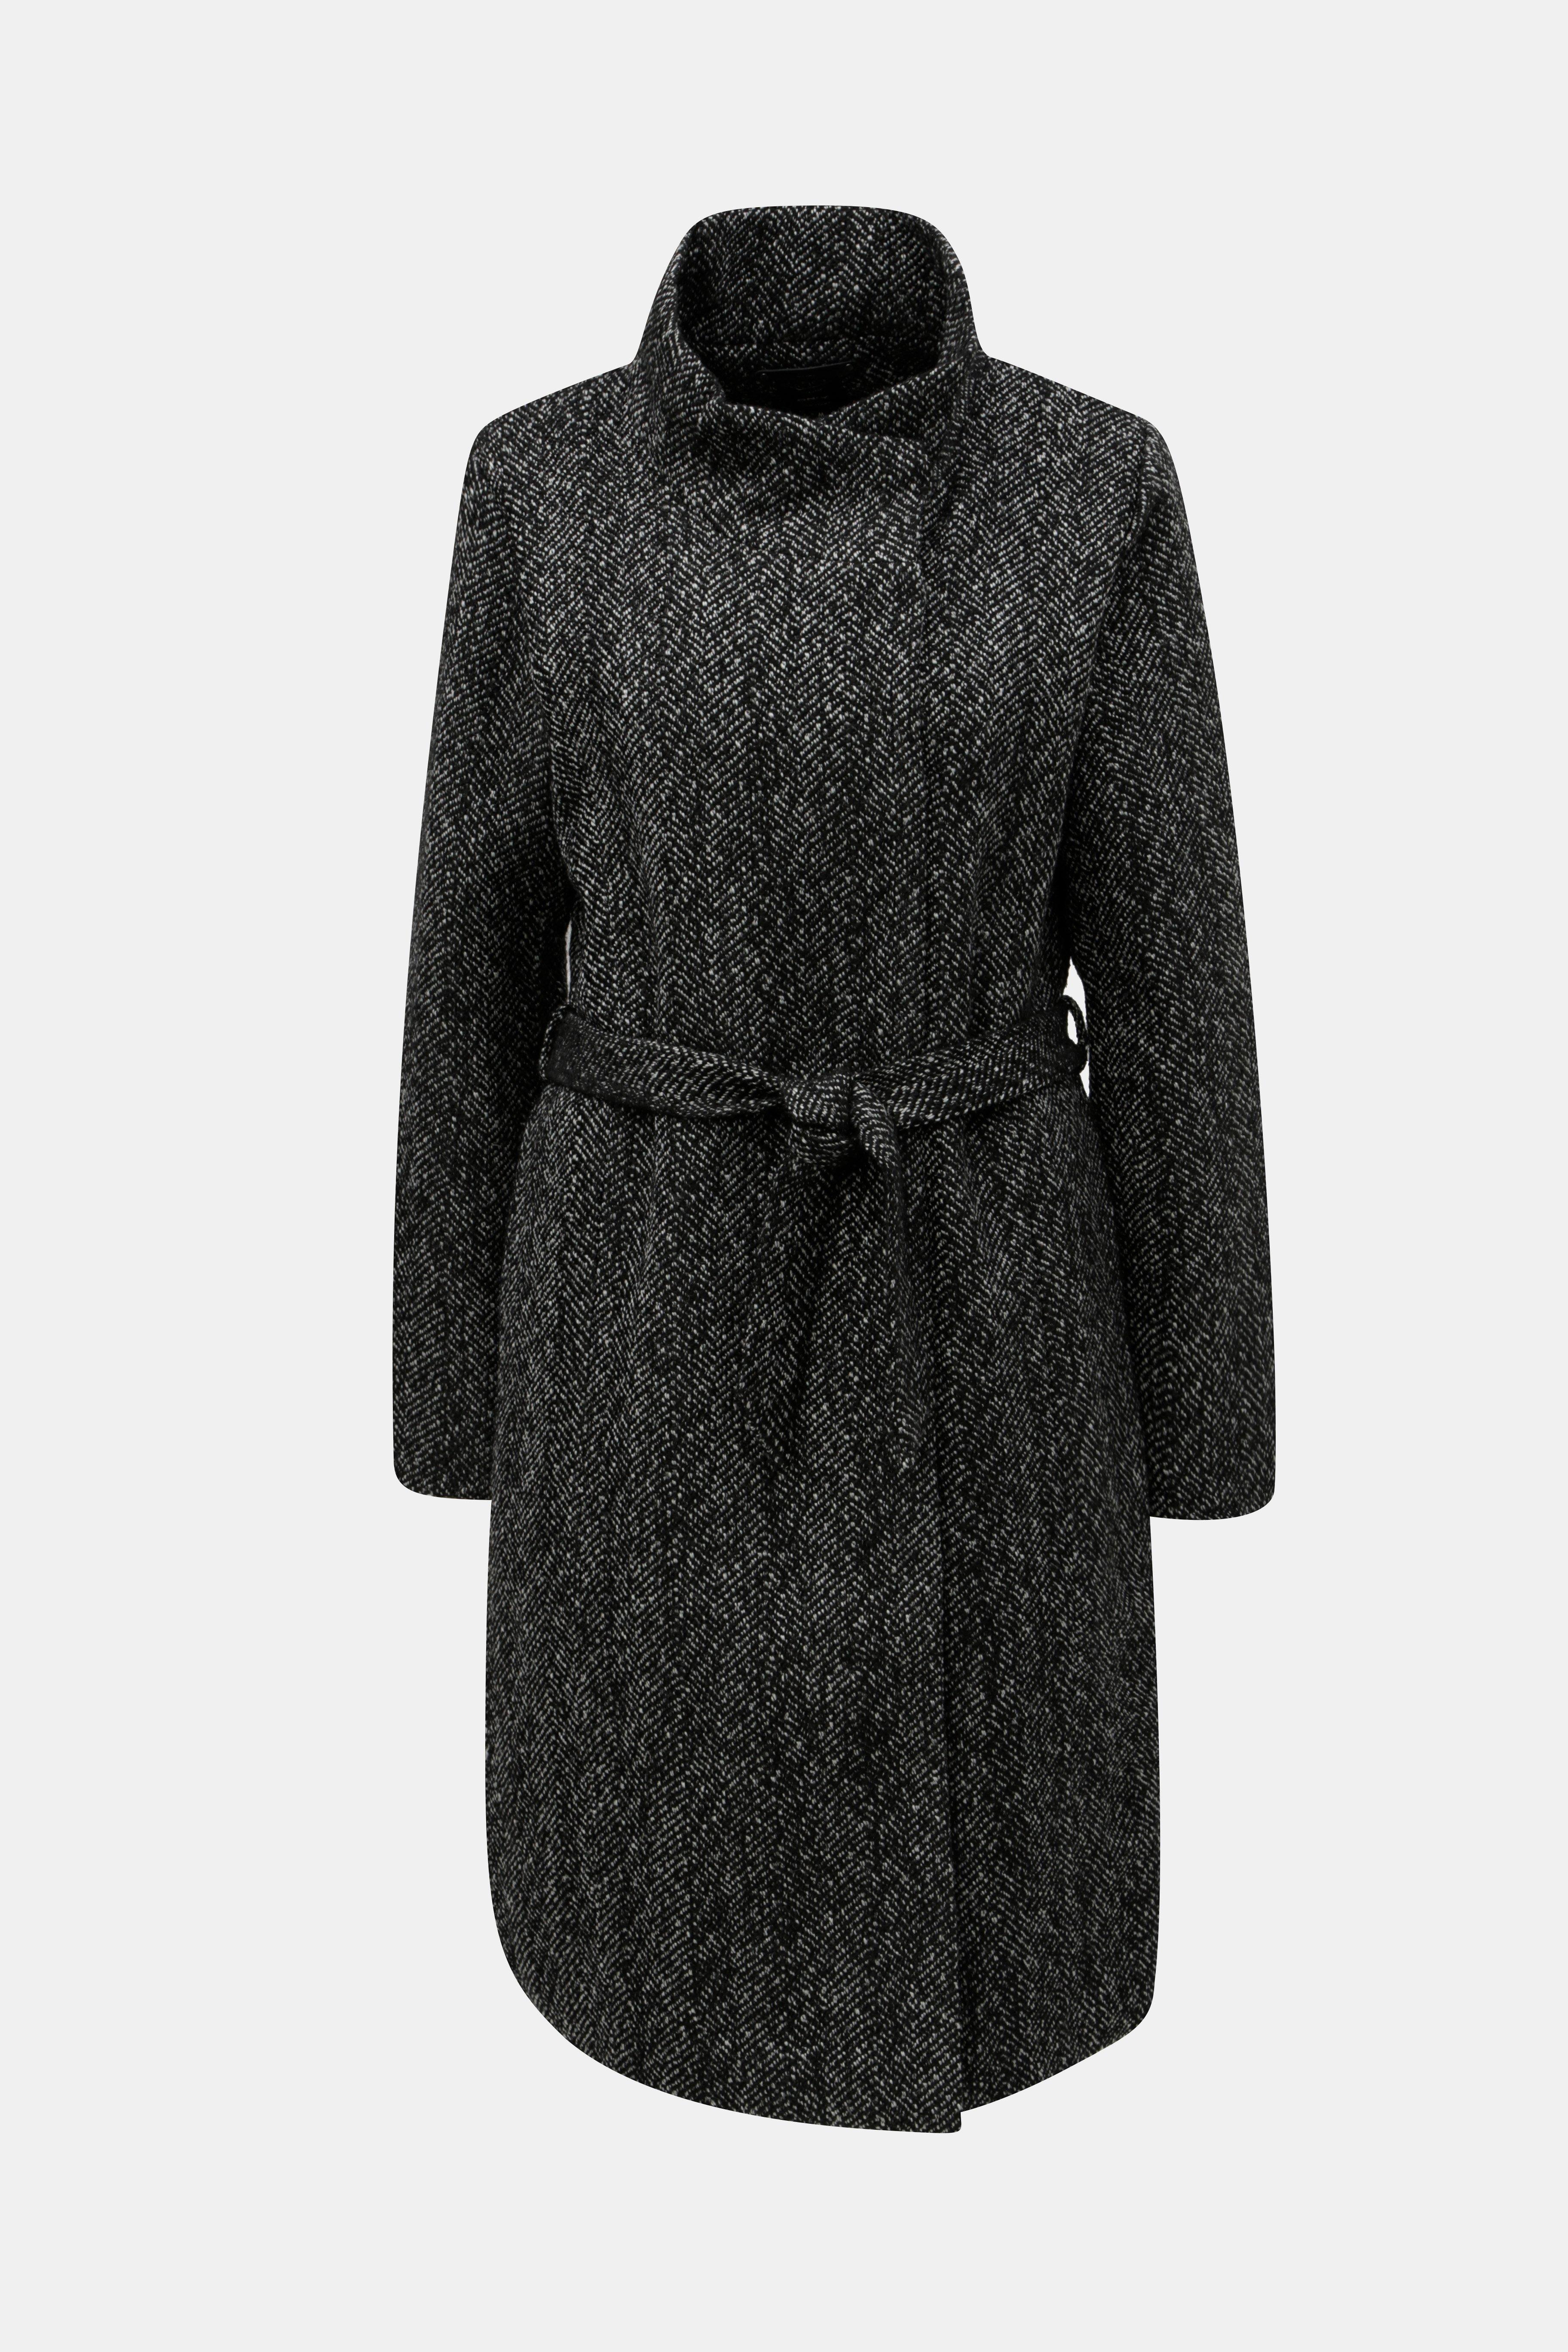 a42a8defc Čierny melírovaný kabát s prímesou vlny ONLY Cindy